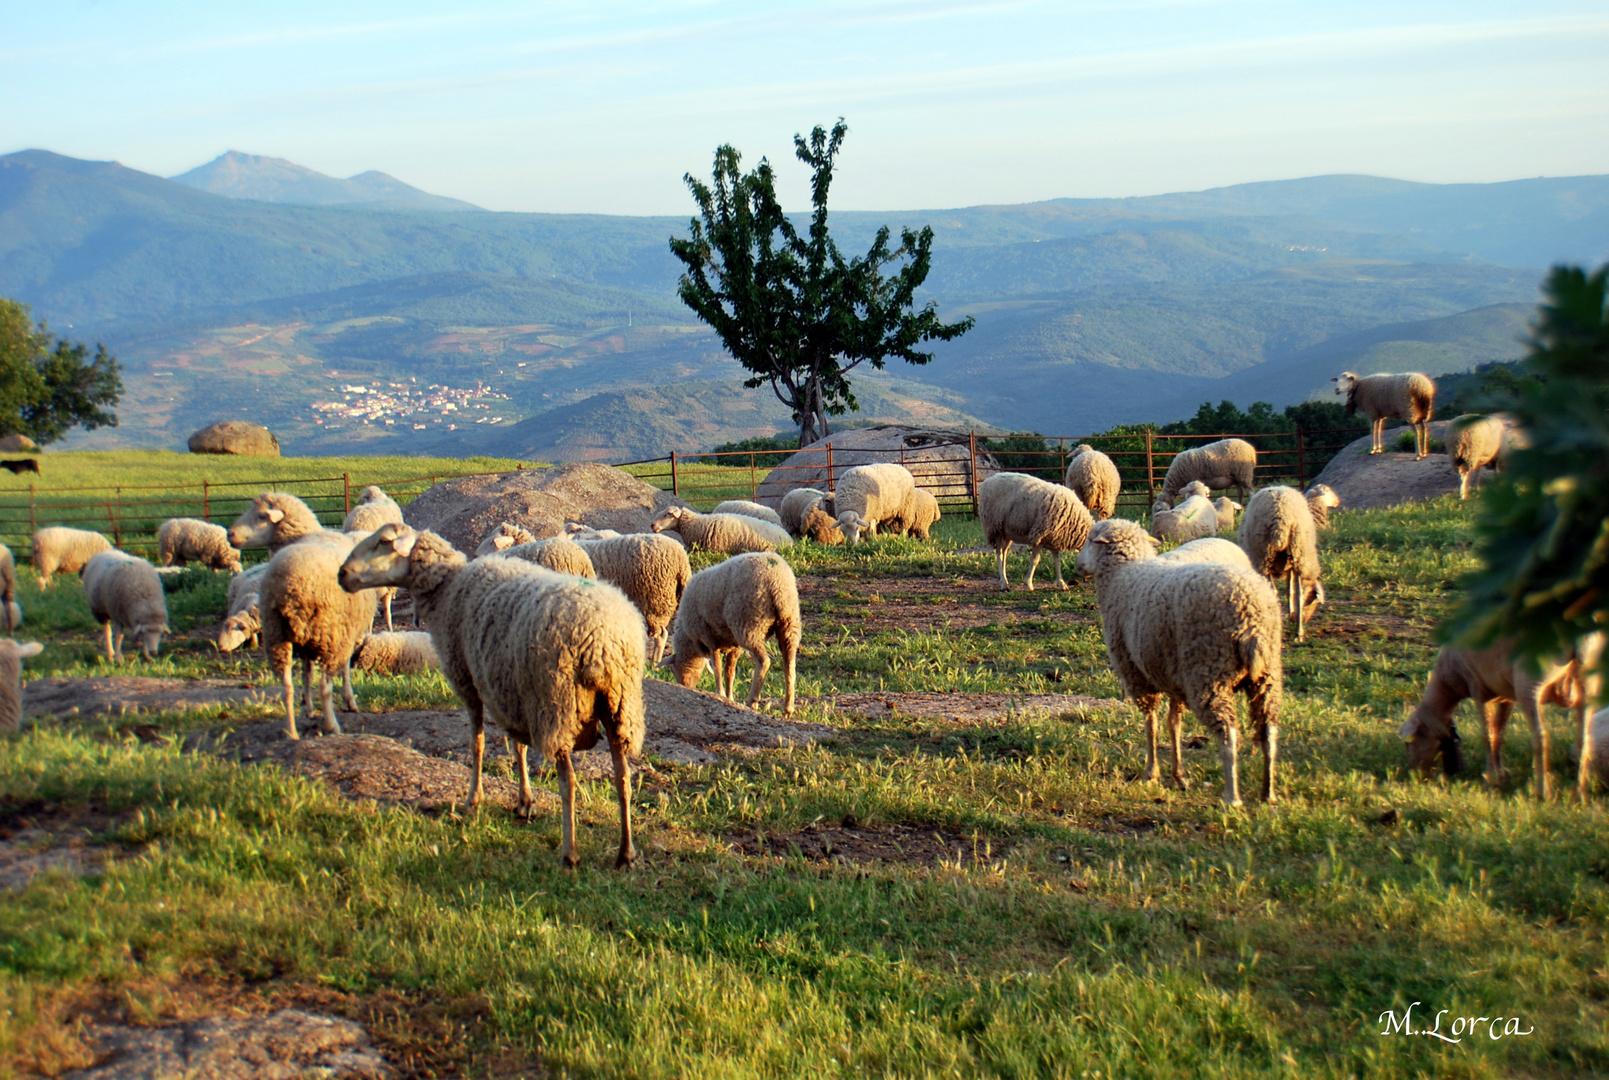 de mis paseos matutinos las ovejas de mi amigo Emilio